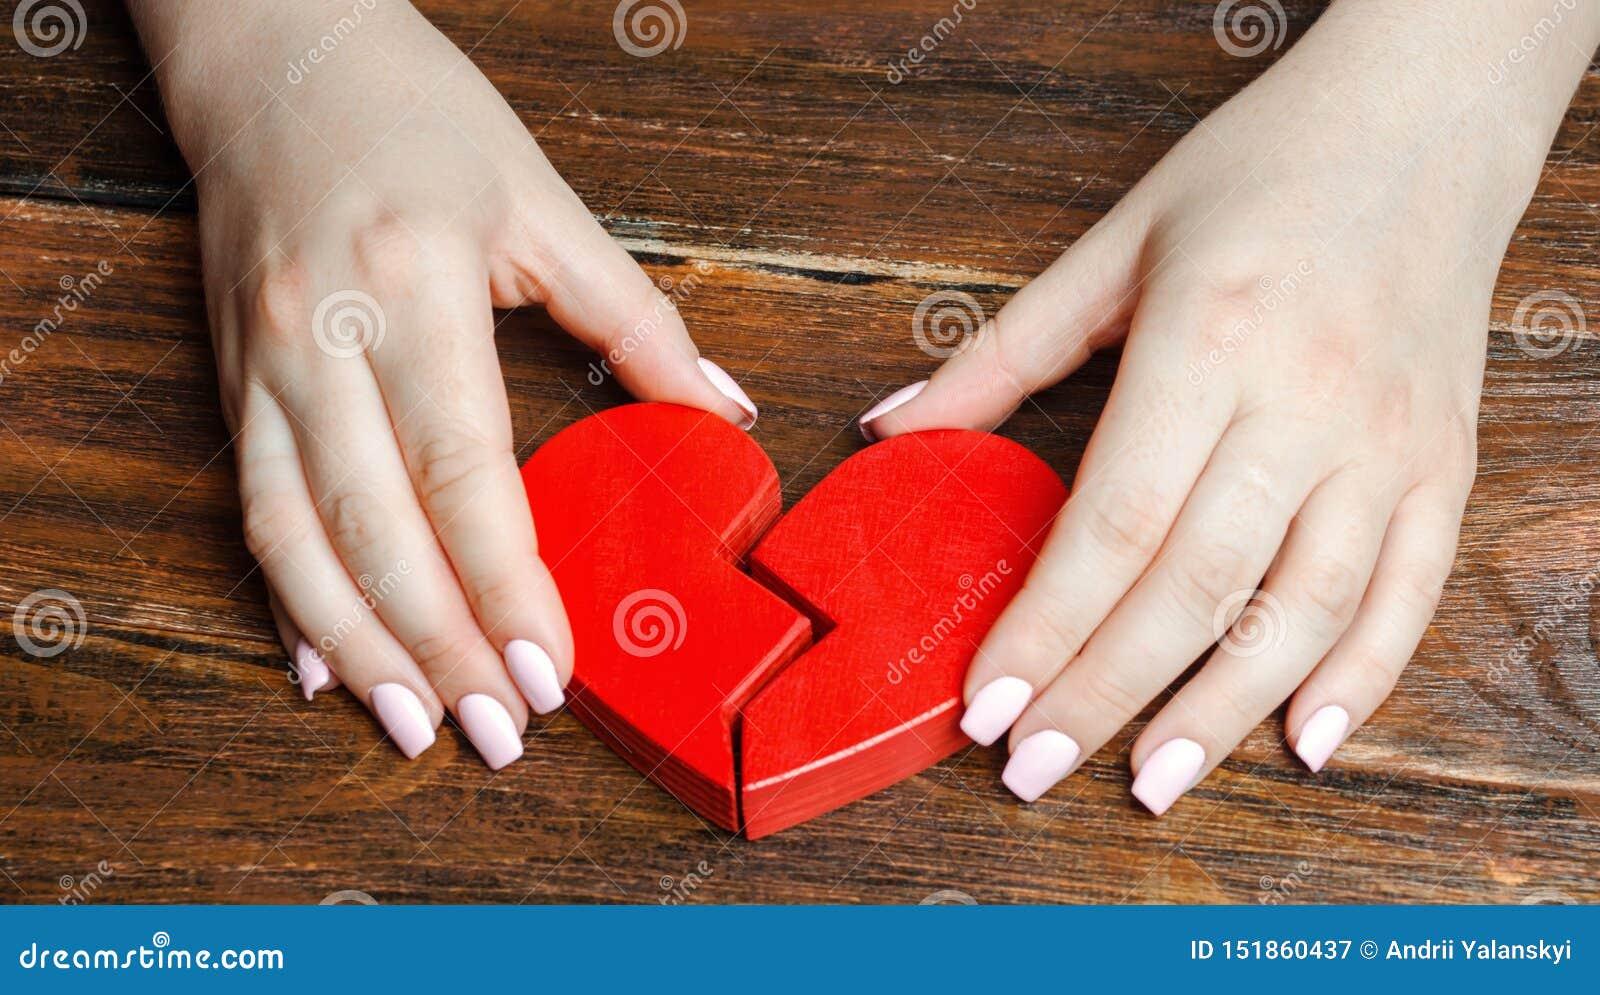 妇女在他的手上收集伤心 爱和关系的概念 家庭心理治疗家服务 ??